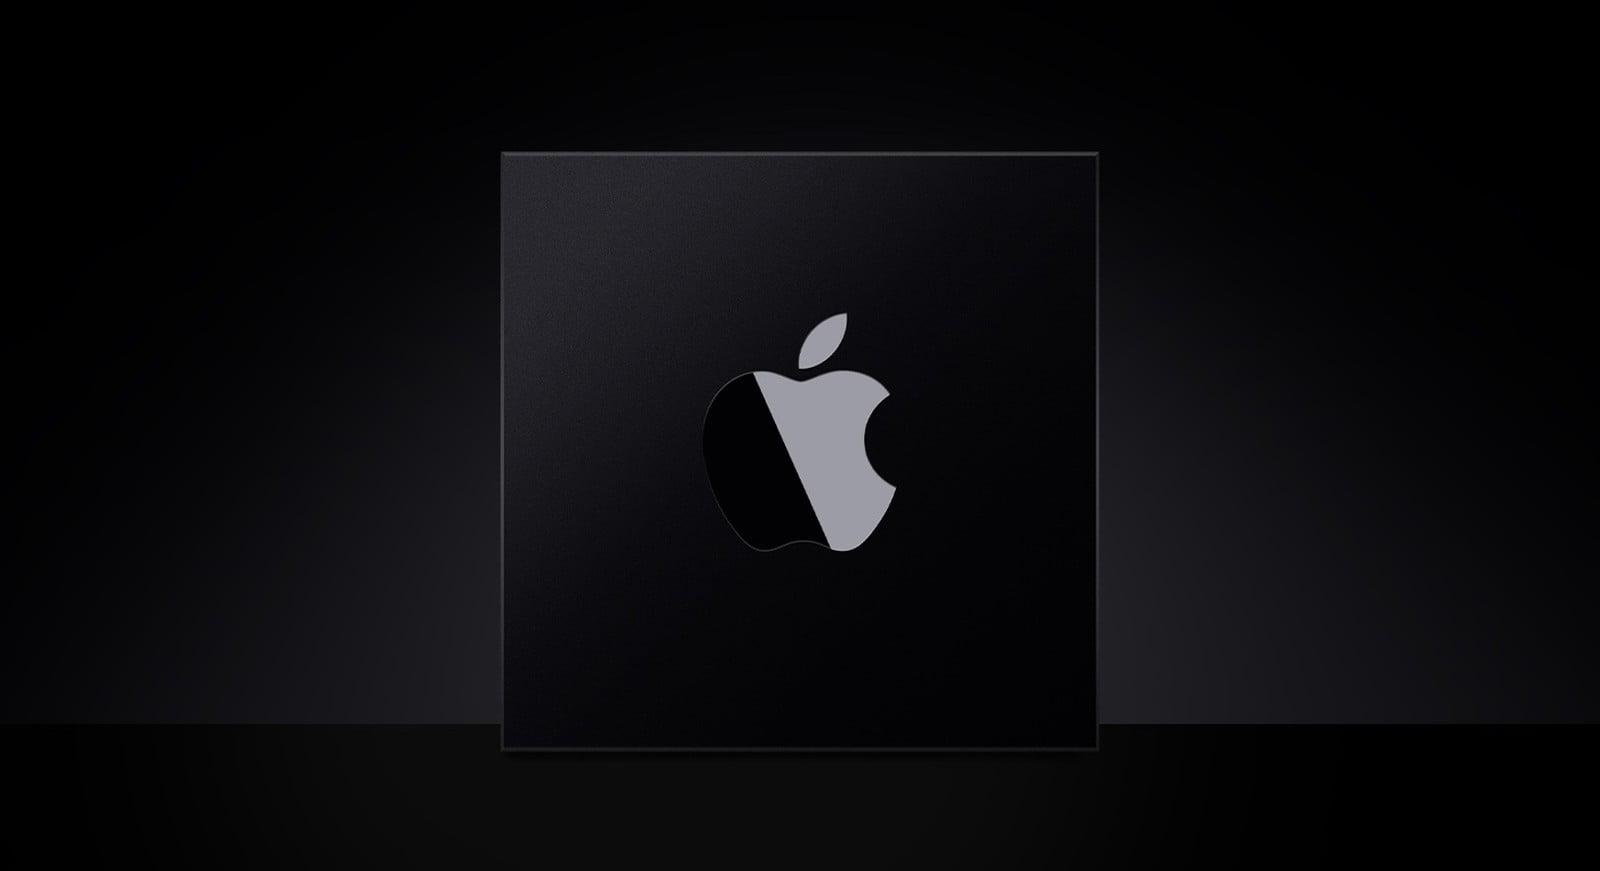 Apple rezerwuje sobie zdolności produkcyjne, aby wyprodukować czipy w technologii 4 nm